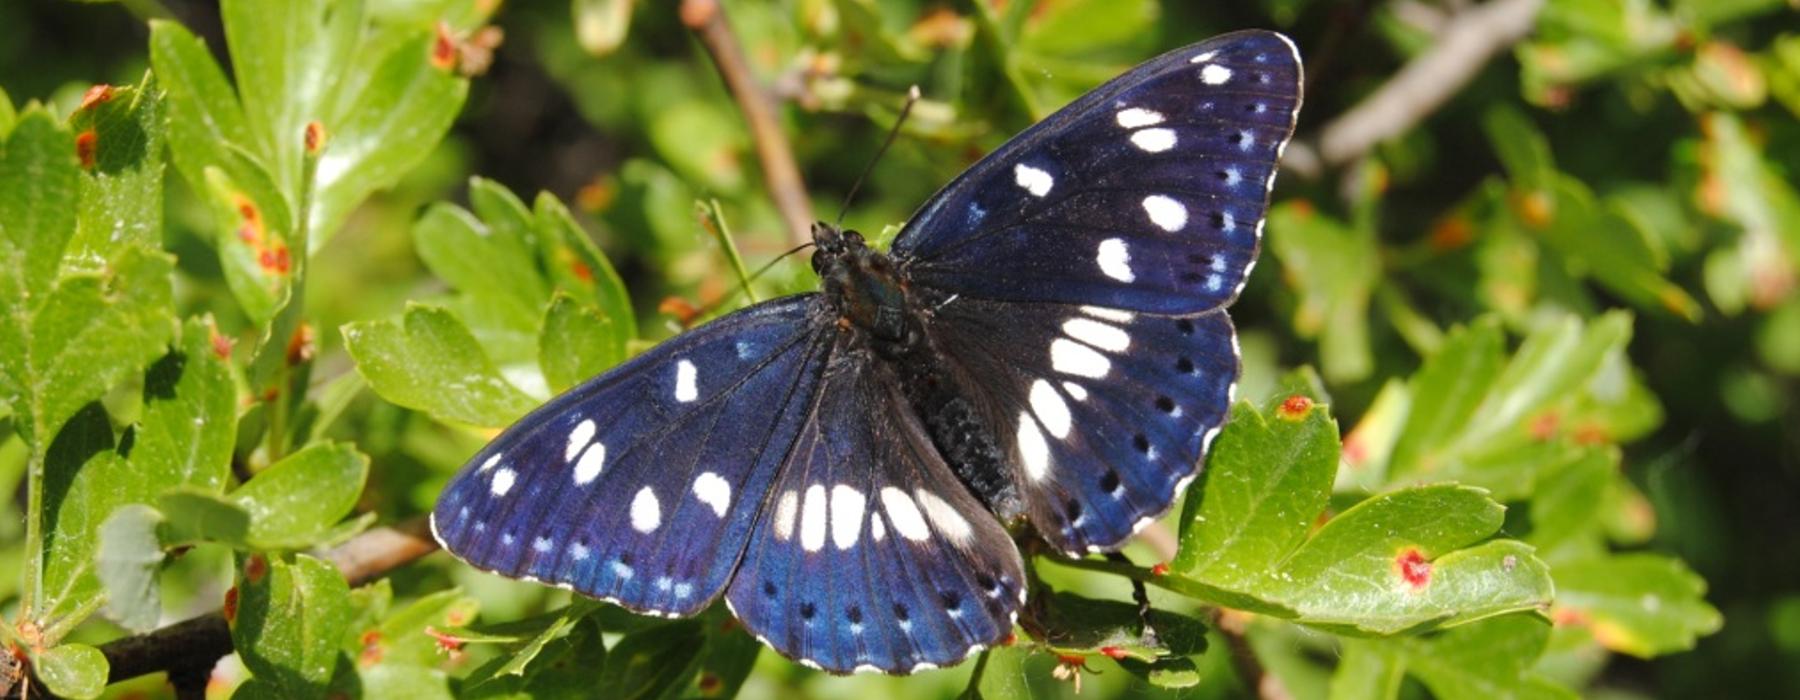 Limenitis reducta, mariposa presente en la reserva natural